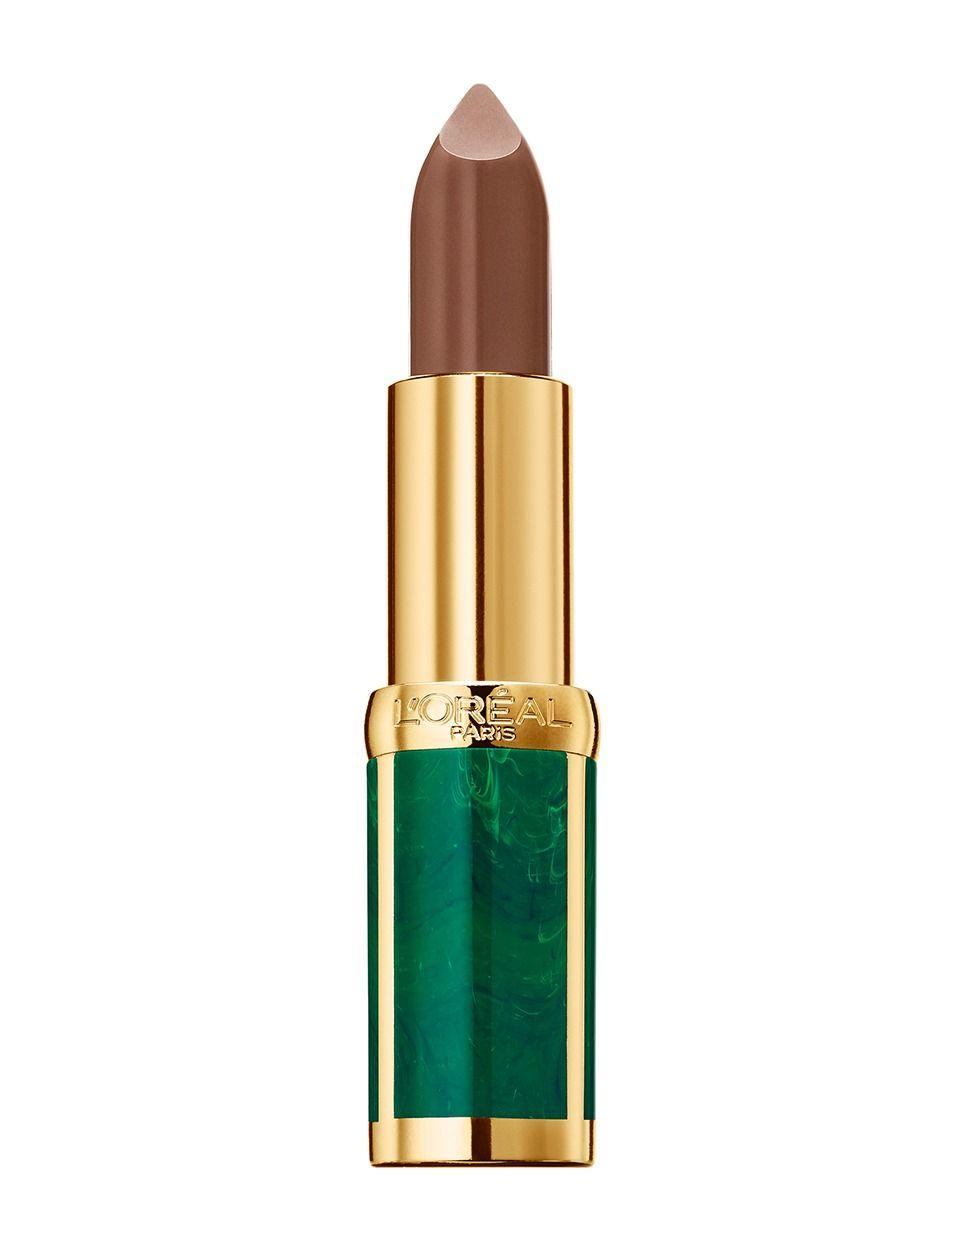 L'Oreal Paris Color Riche Lipstick Balmain Limited Edition 648 Glamazone